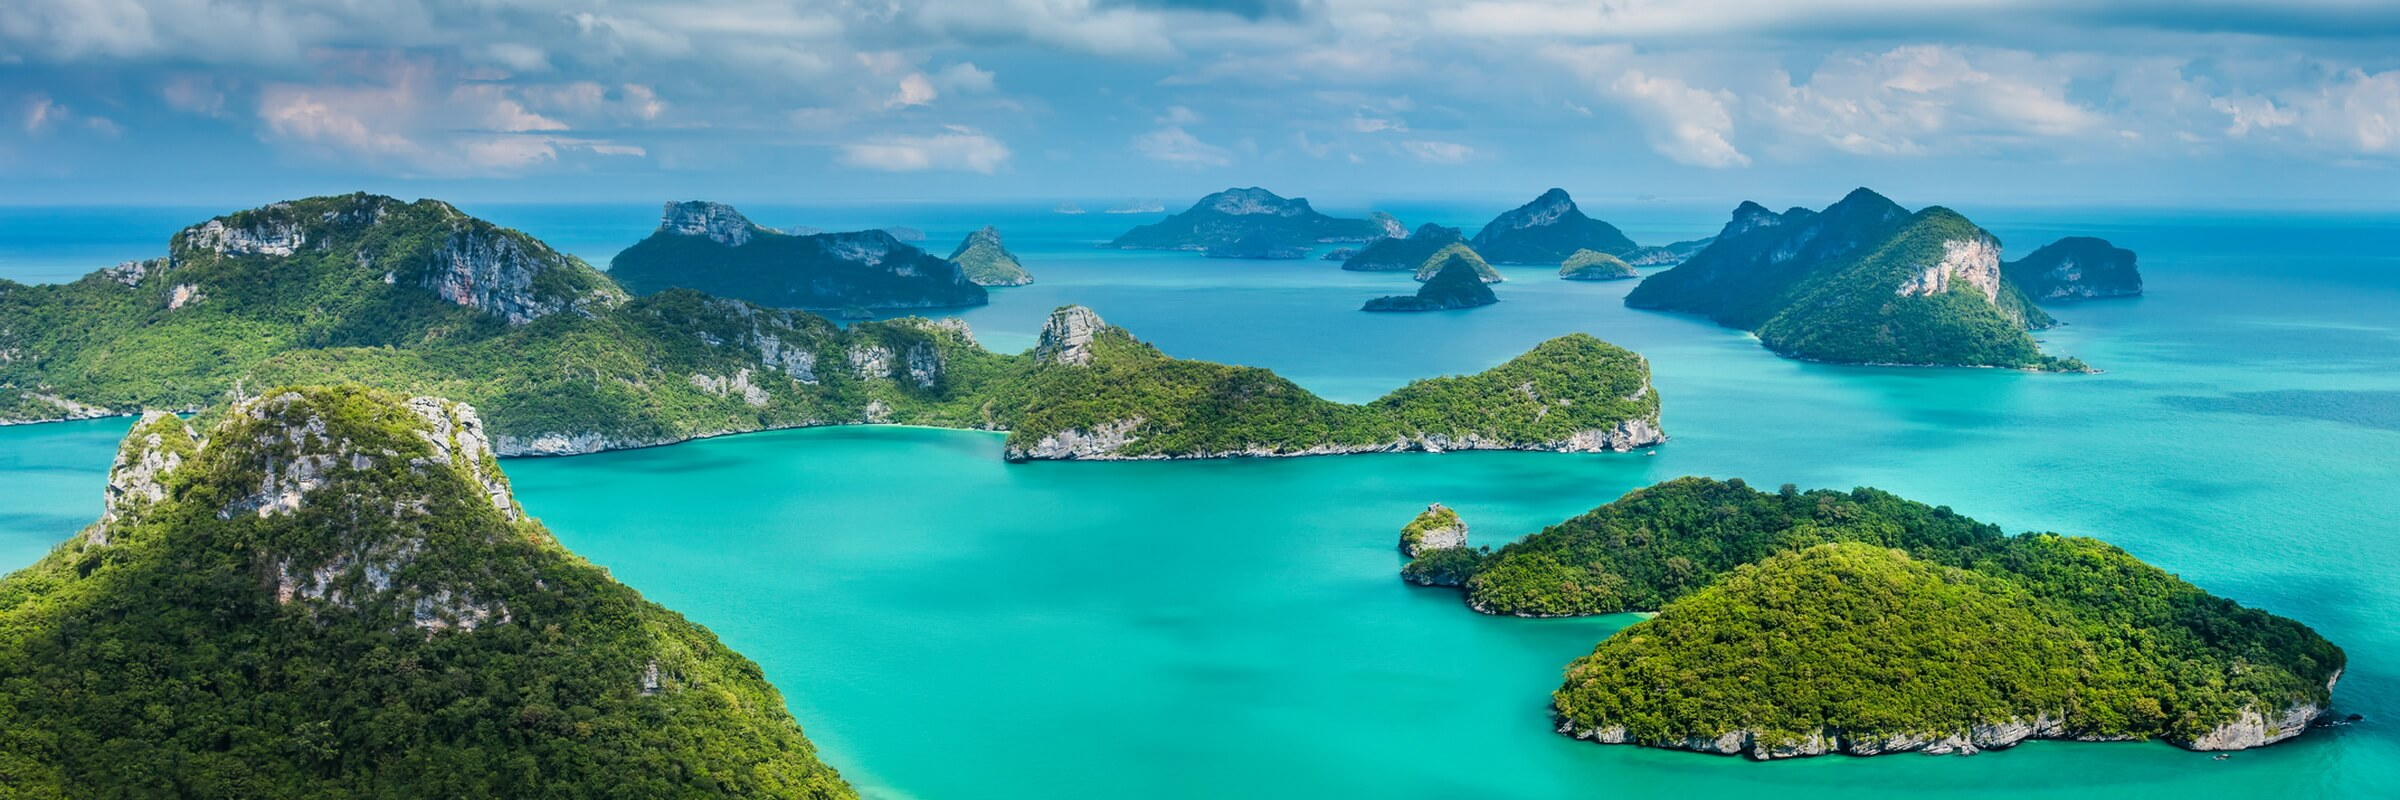 Der Ang Thong Marine Nationalpark umfasst eine Gruppe von 42 Inseln im Golf von Thailand.